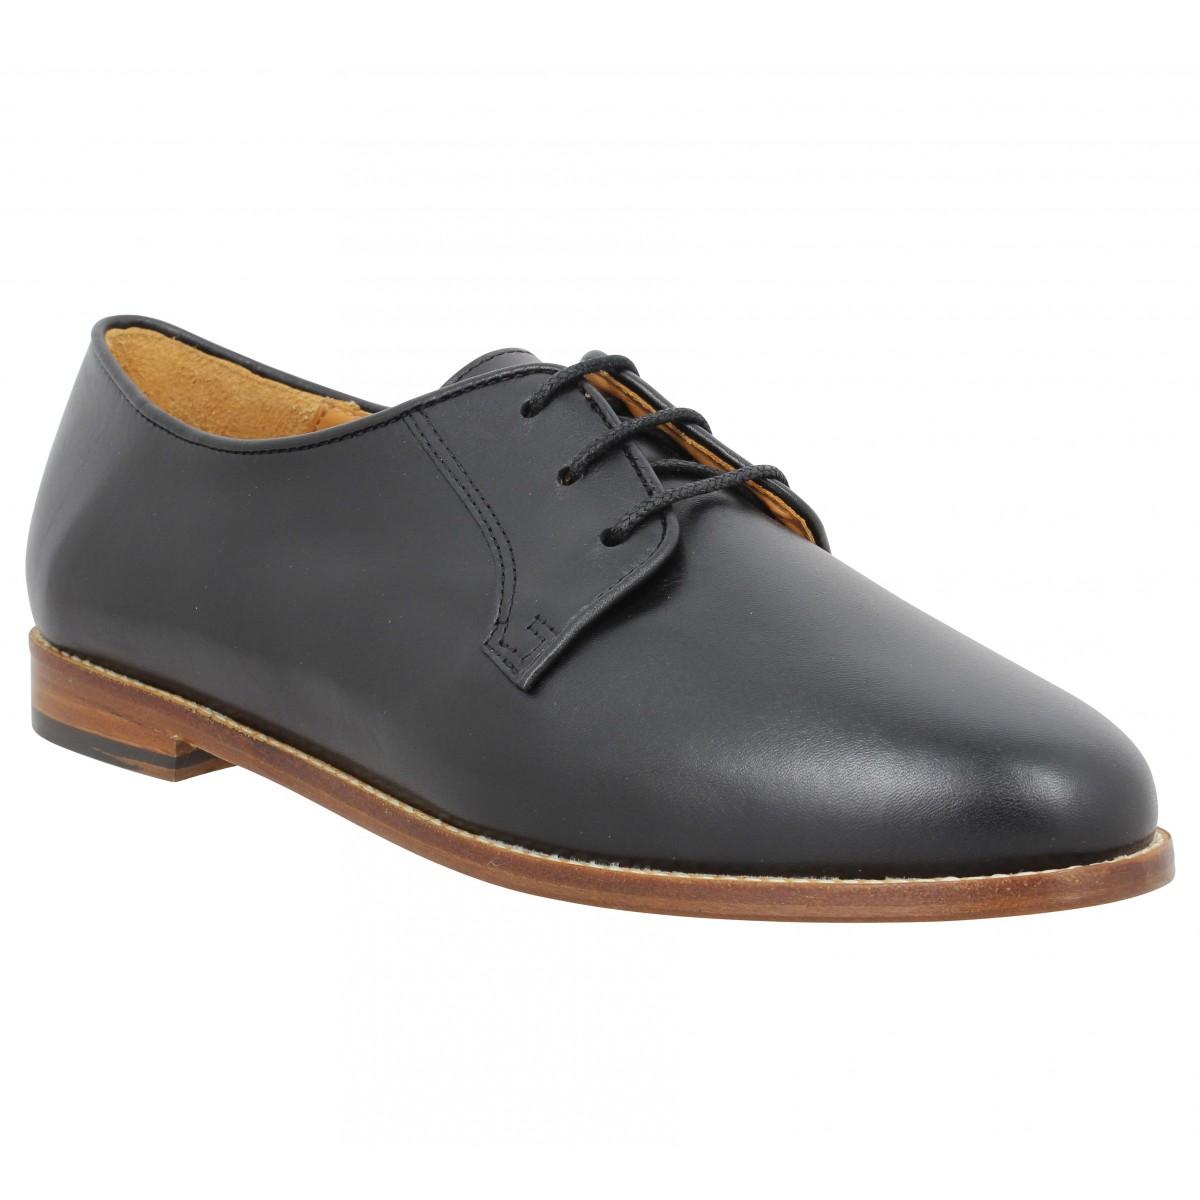 Chaussures à lacets BOBBIES La Cineaste cuir Femme Noir